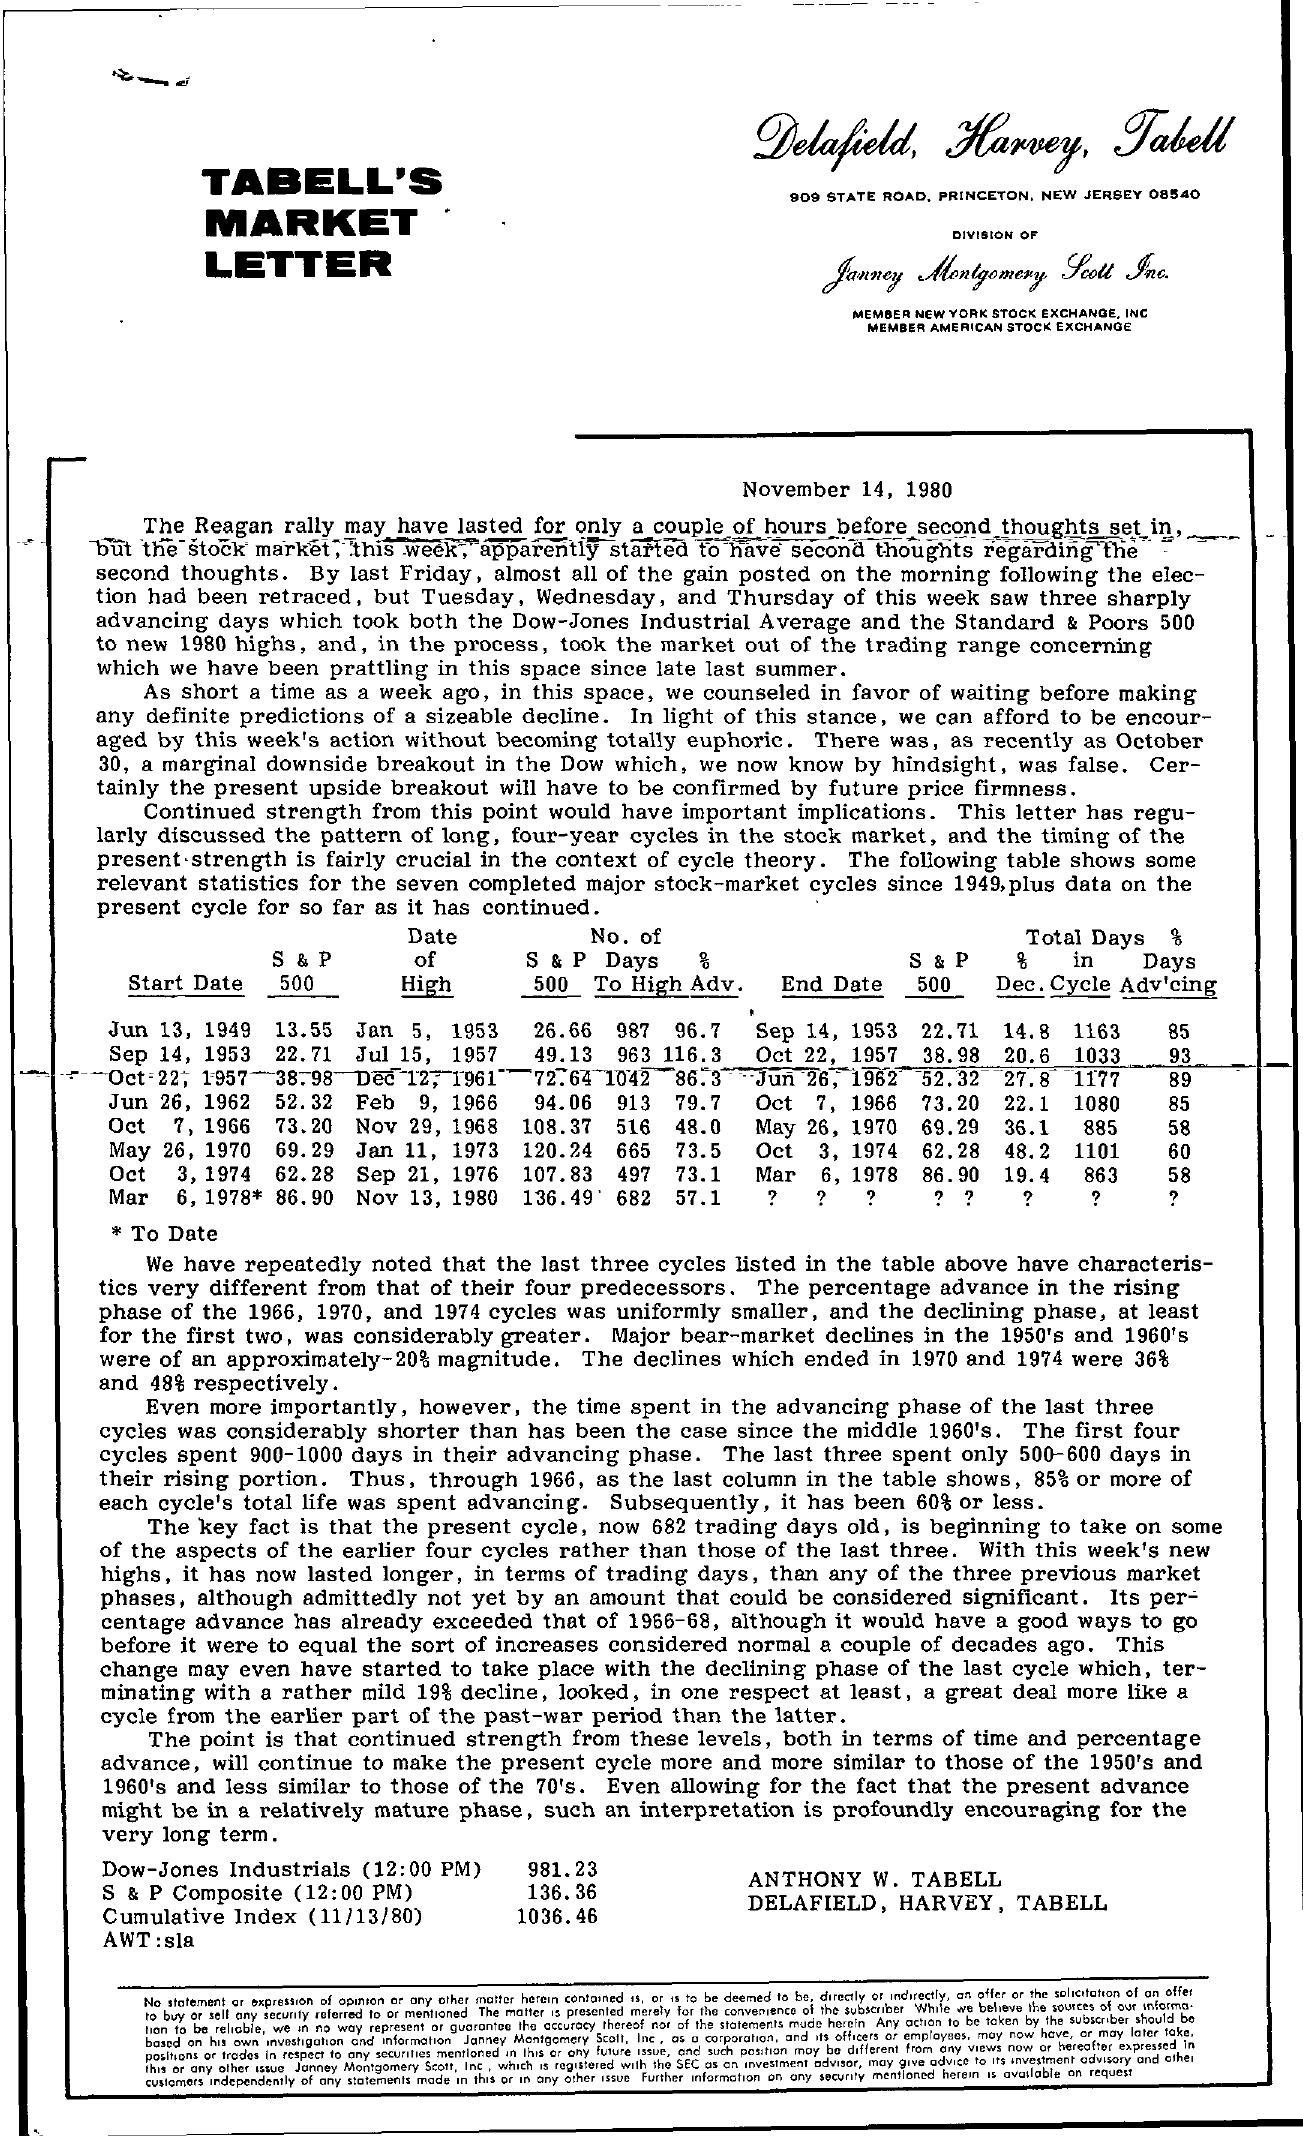 Tabell's Market Letter - November 14, 1980